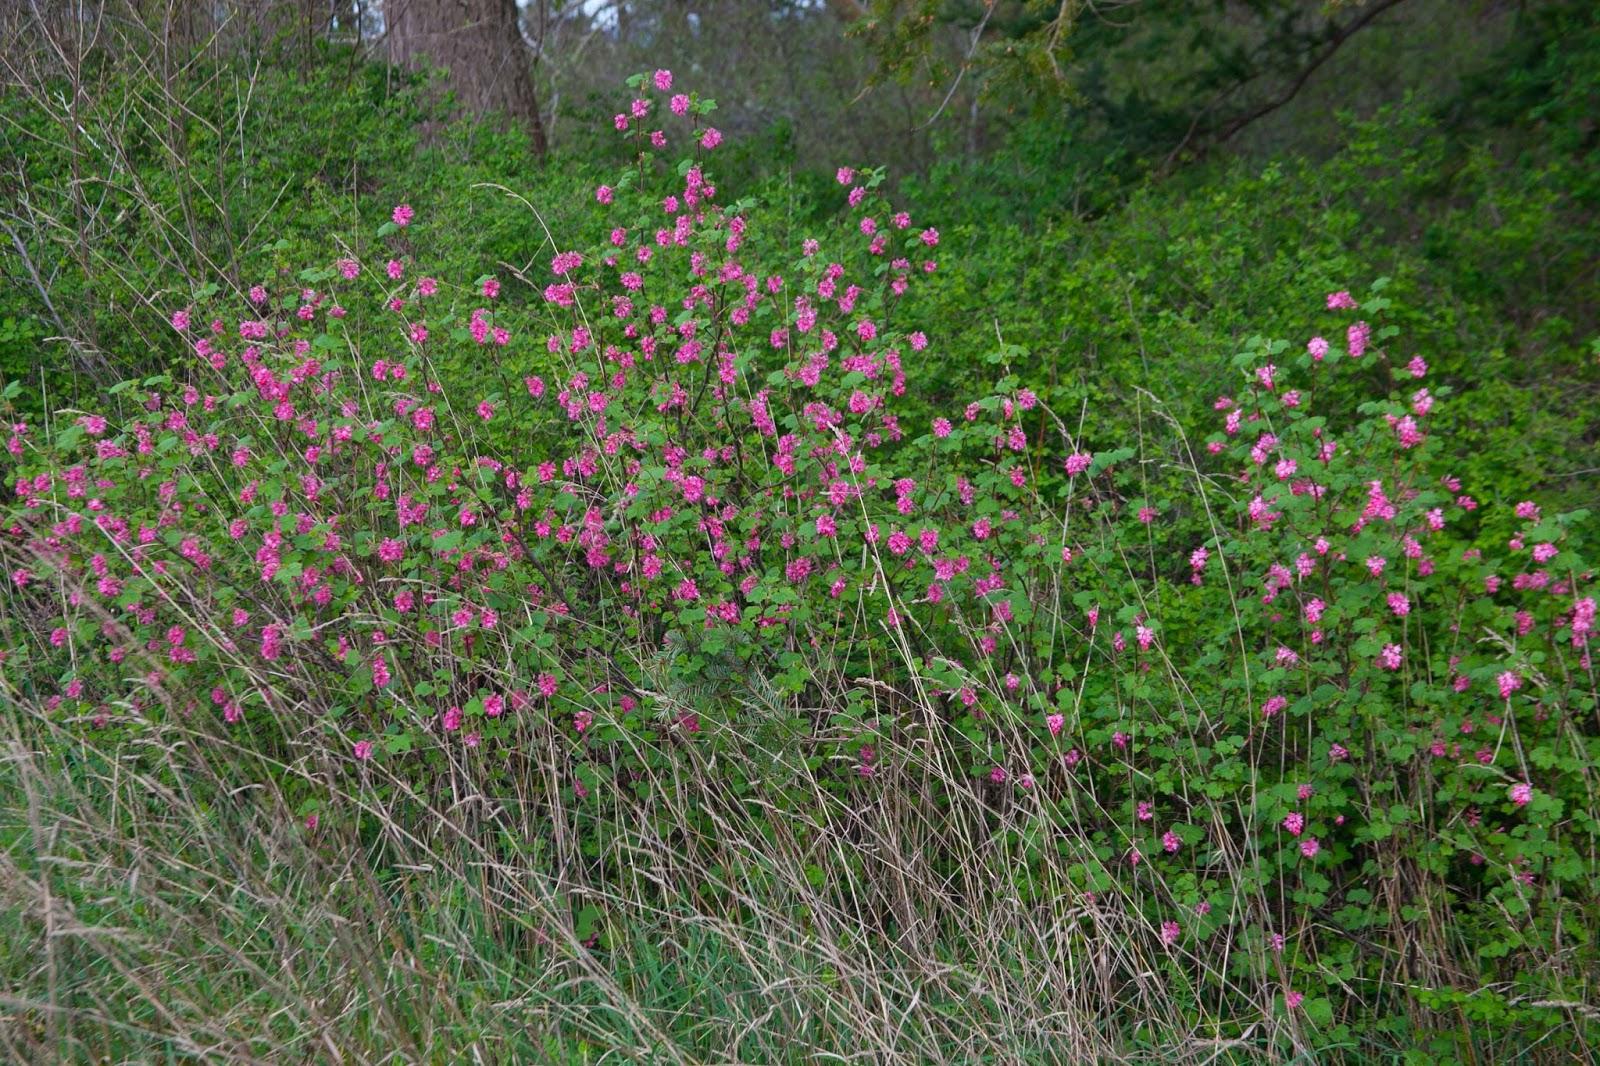 Red flowering currant this week.